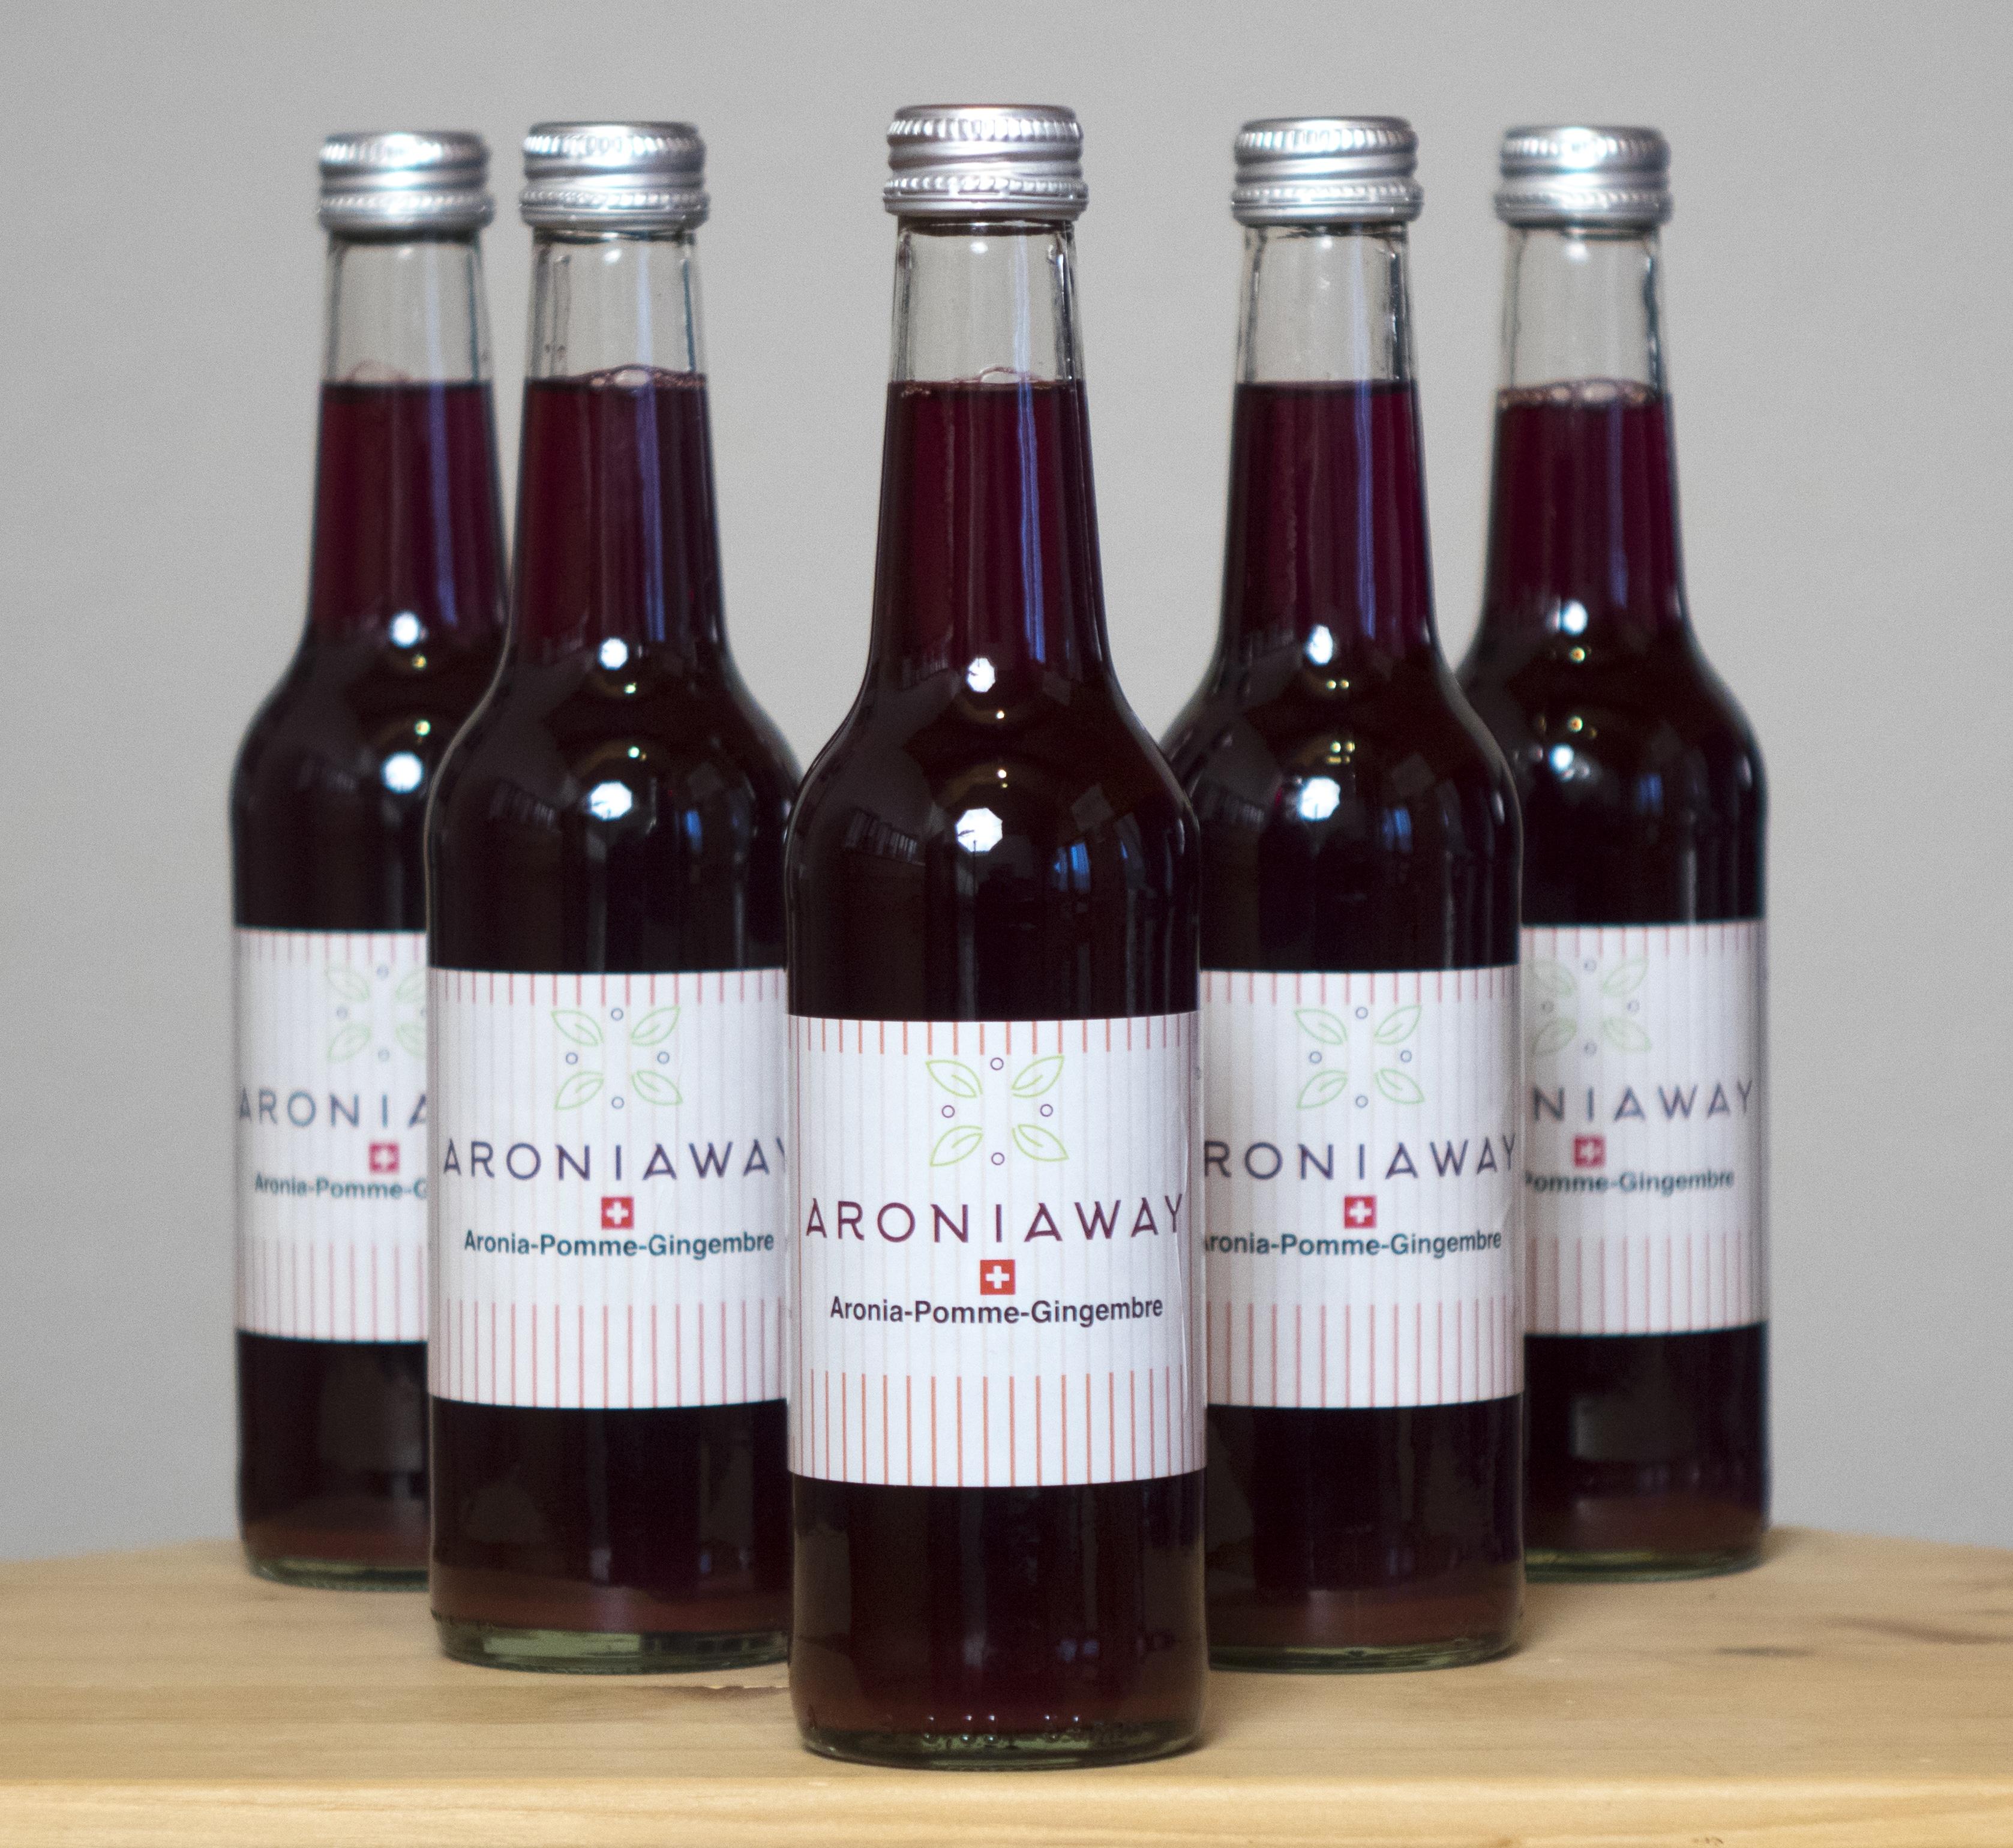 AroniaWay lance une nouvelle boisson santé plaisir